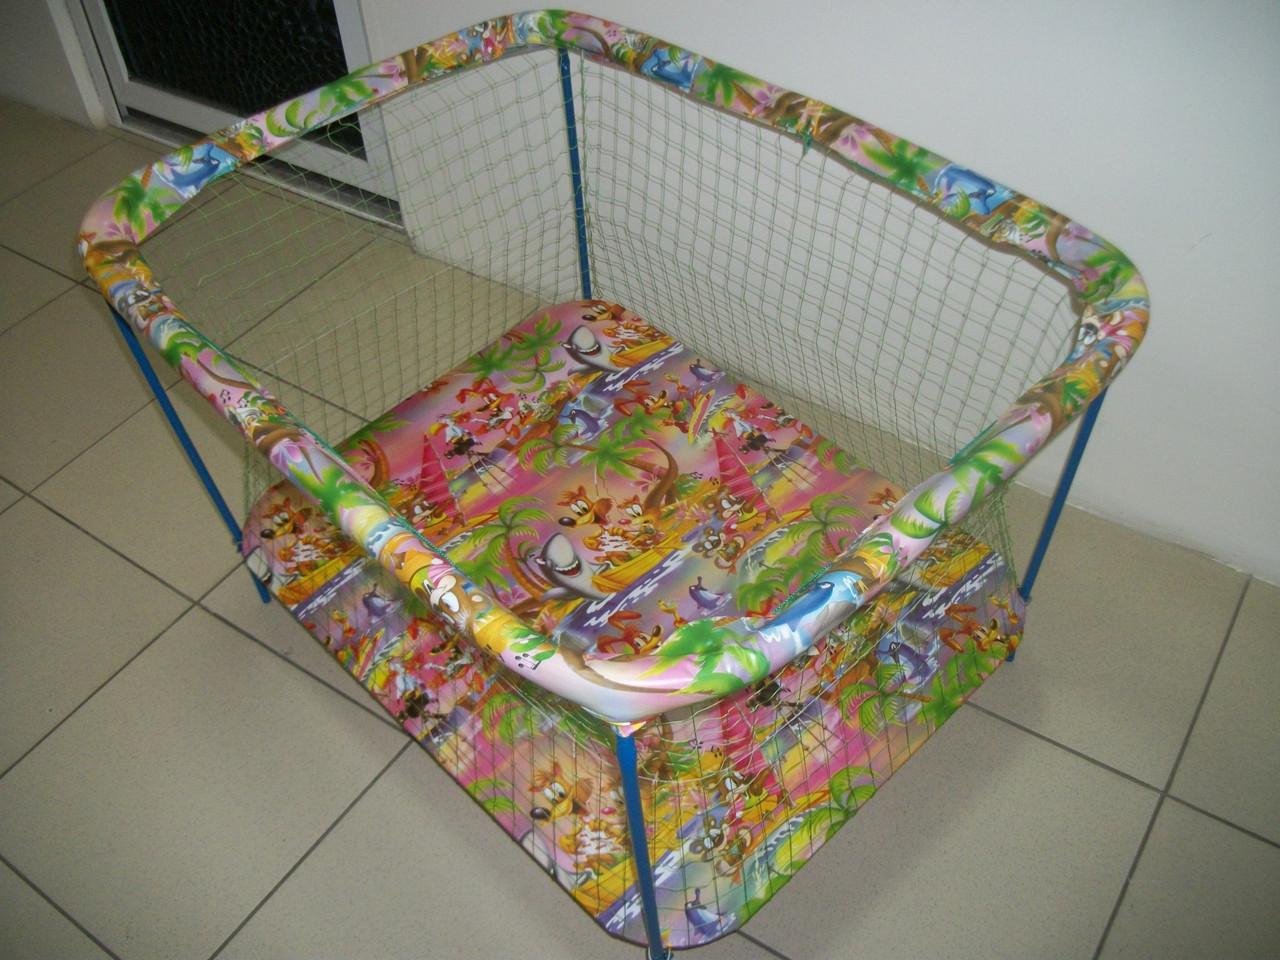 Манеж детский Kinder Box Мультик крупная сетка